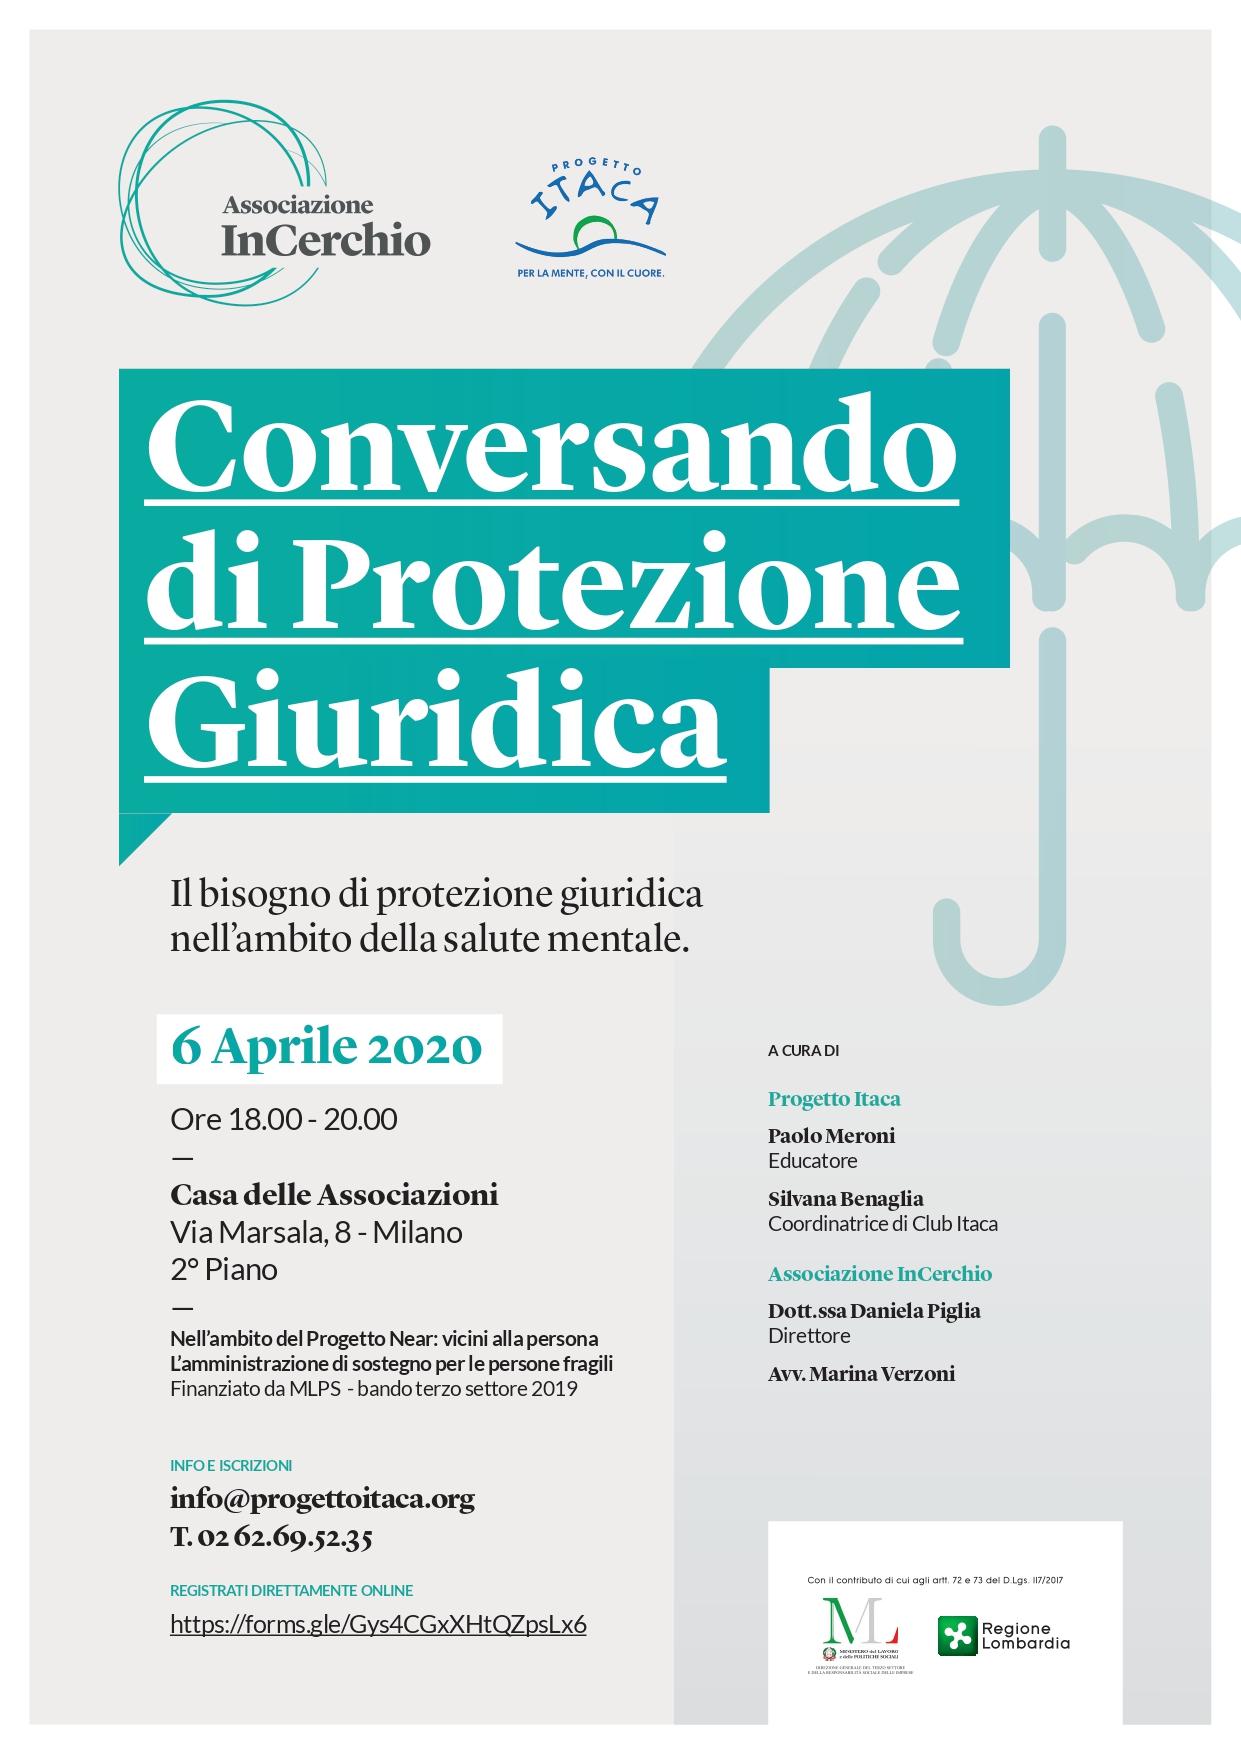 Conversando di Protezione Giuridica: Il bisogno di protezione giuridica nell'ambito della Salute Mentale